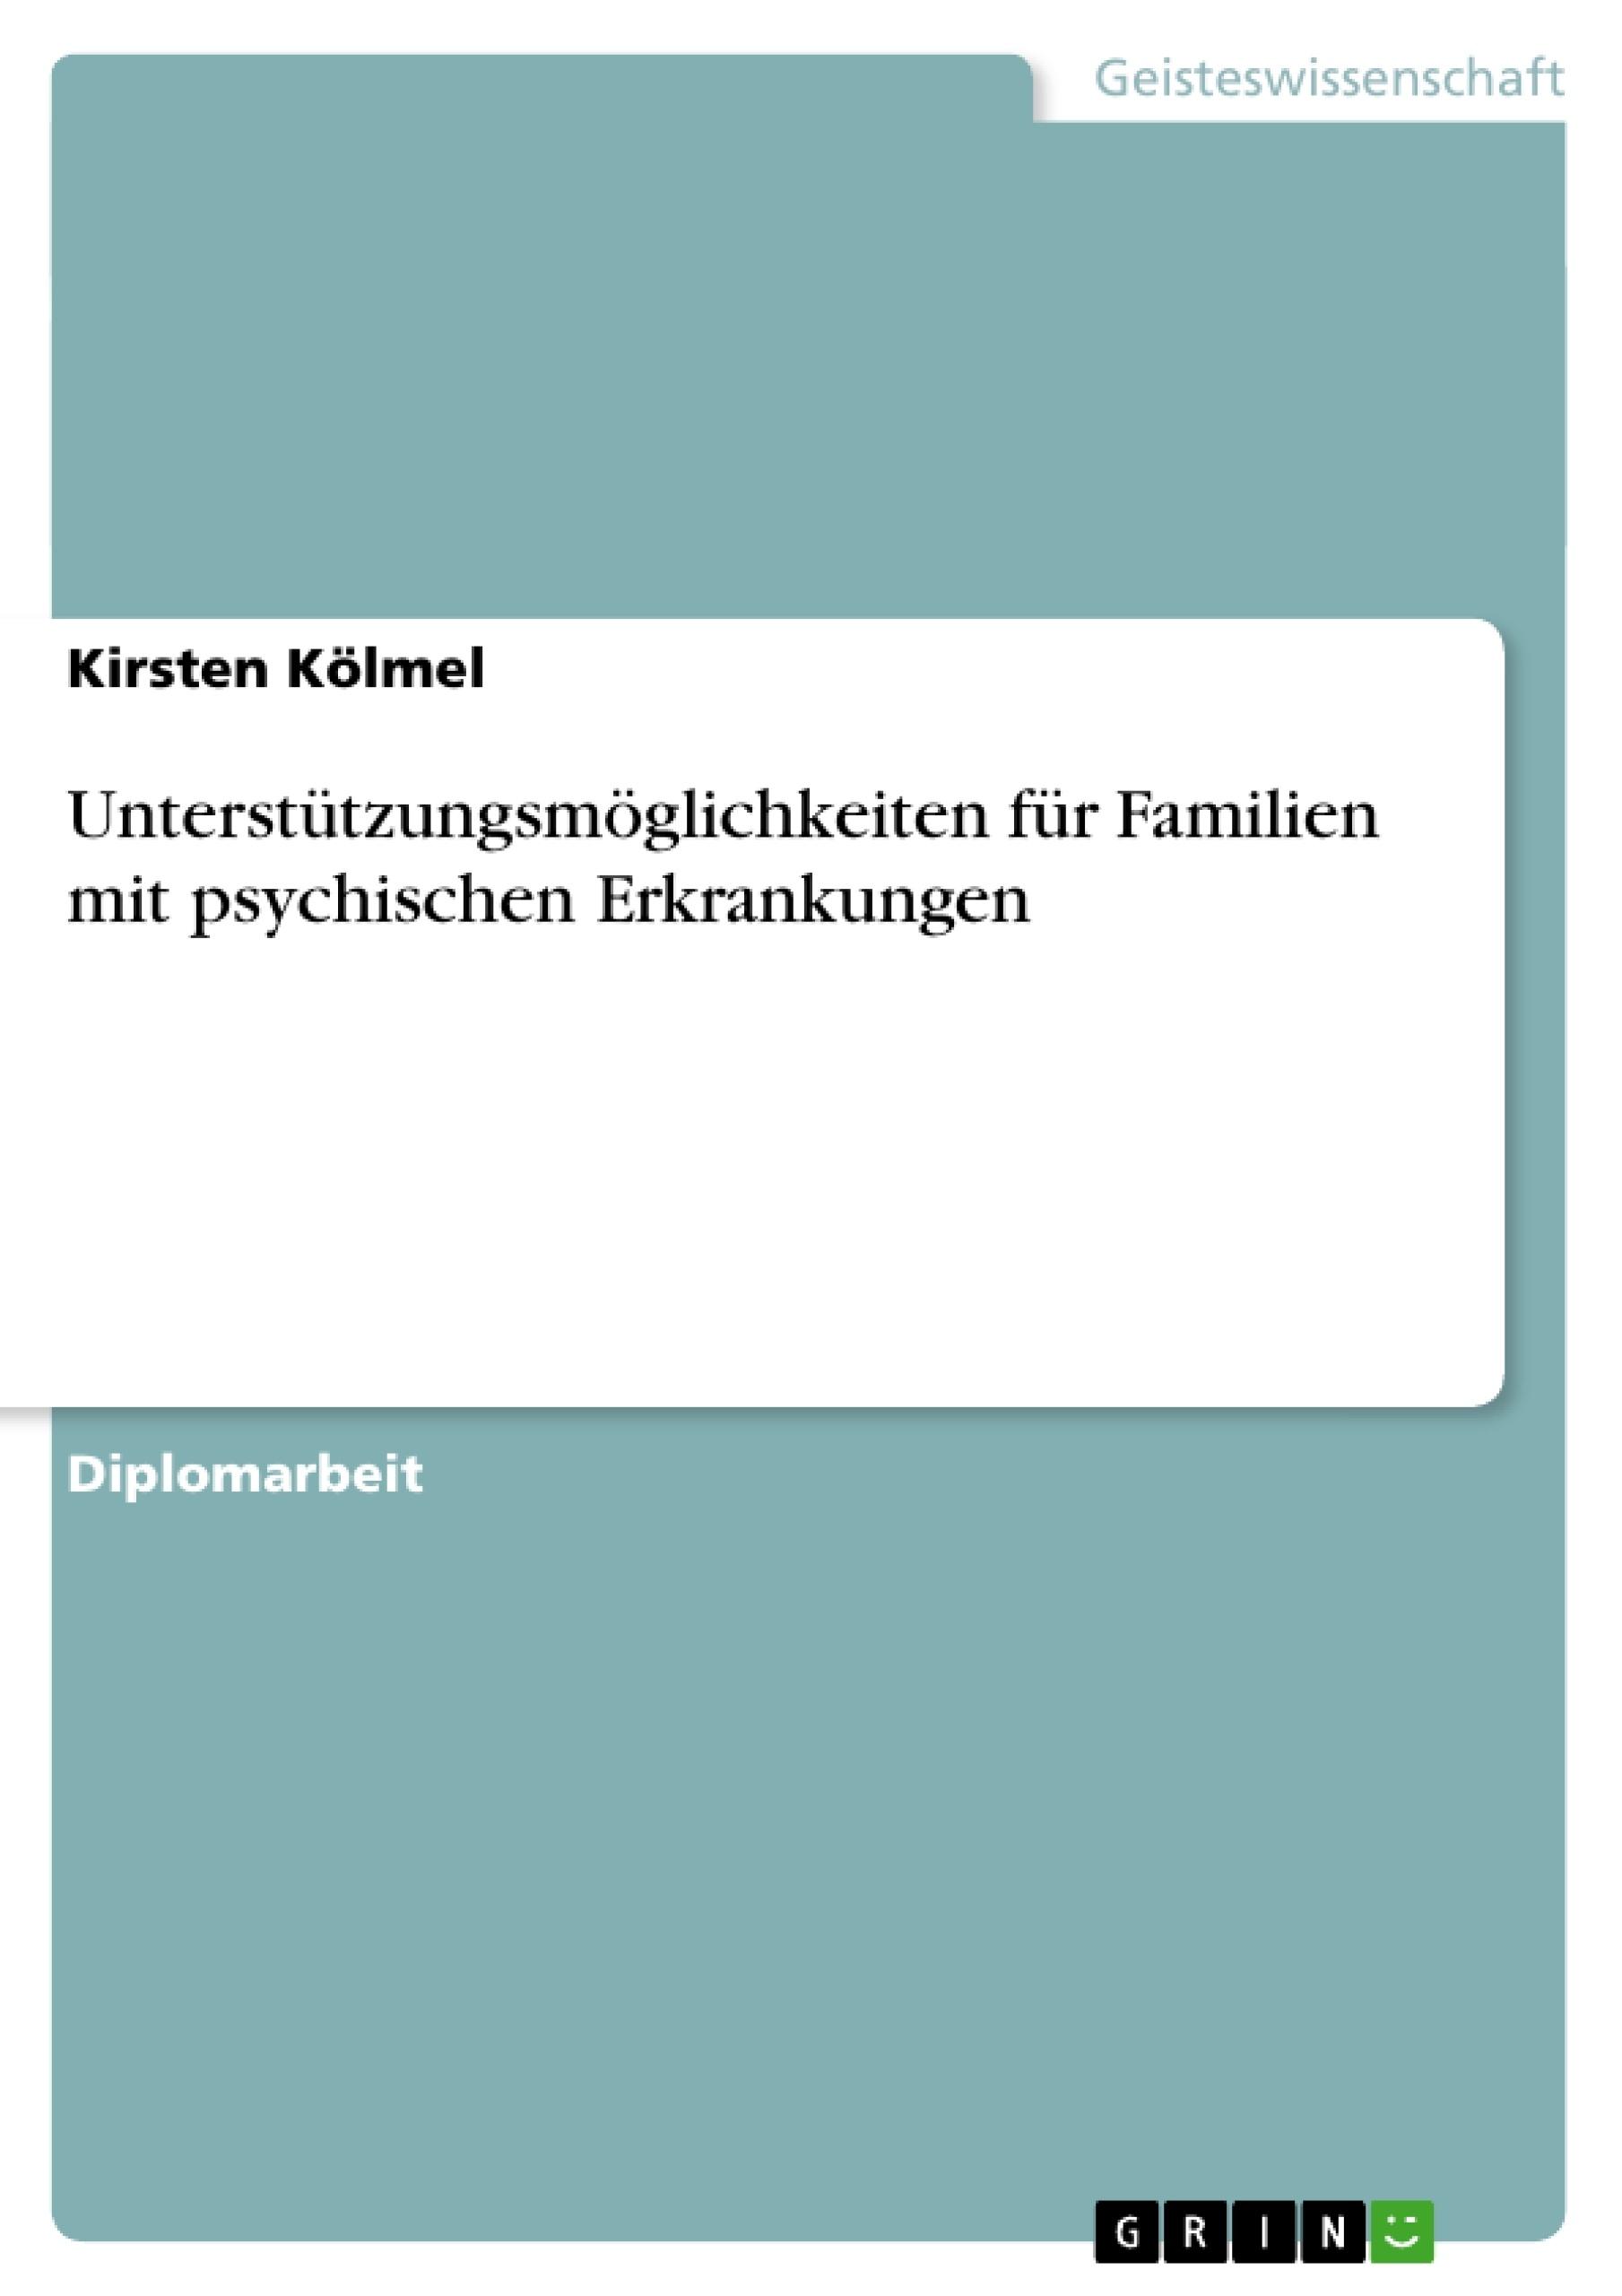 Titel: Unterstützungsmöglichkeiten für Familien mit psychischen Erkrankungen